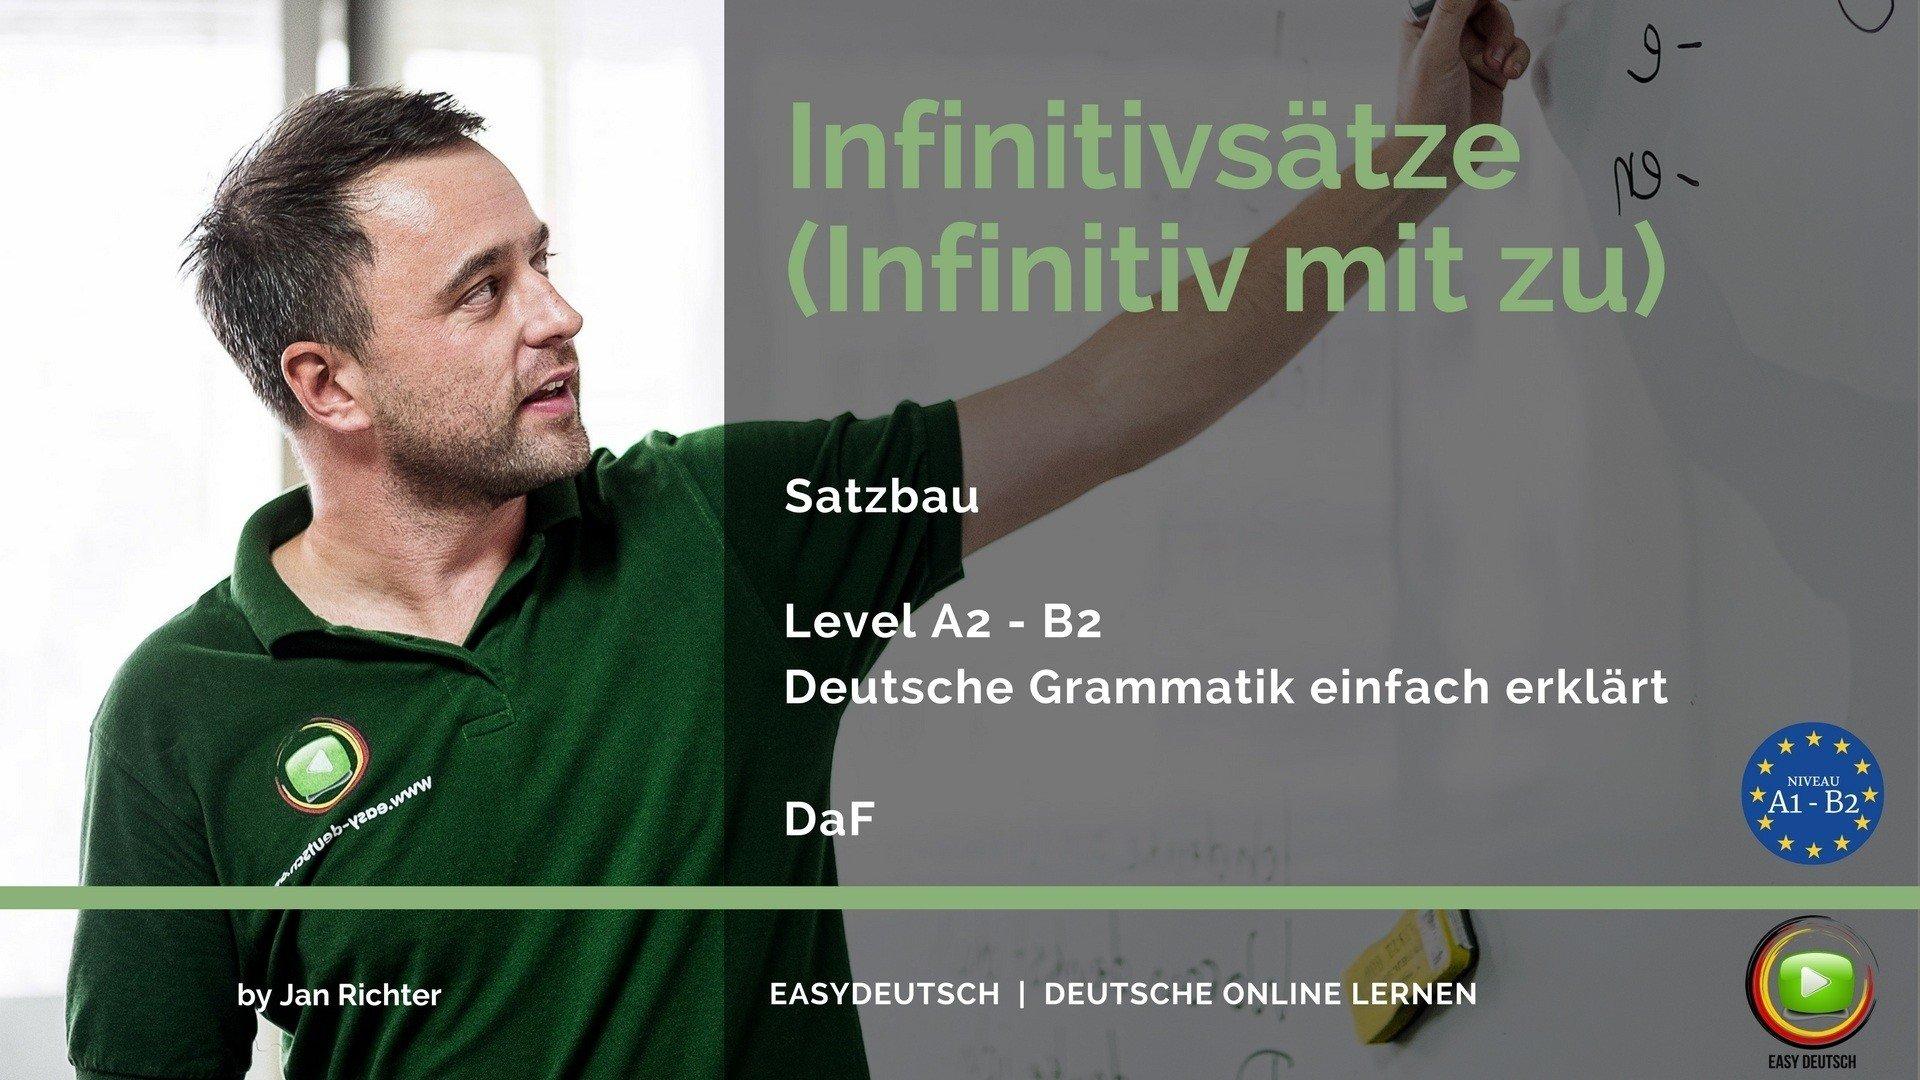 infinitiv mit zu infinitivstze grammatik unkomplizierte erklrung easydeutsch - Infinitivsatze Beispiele